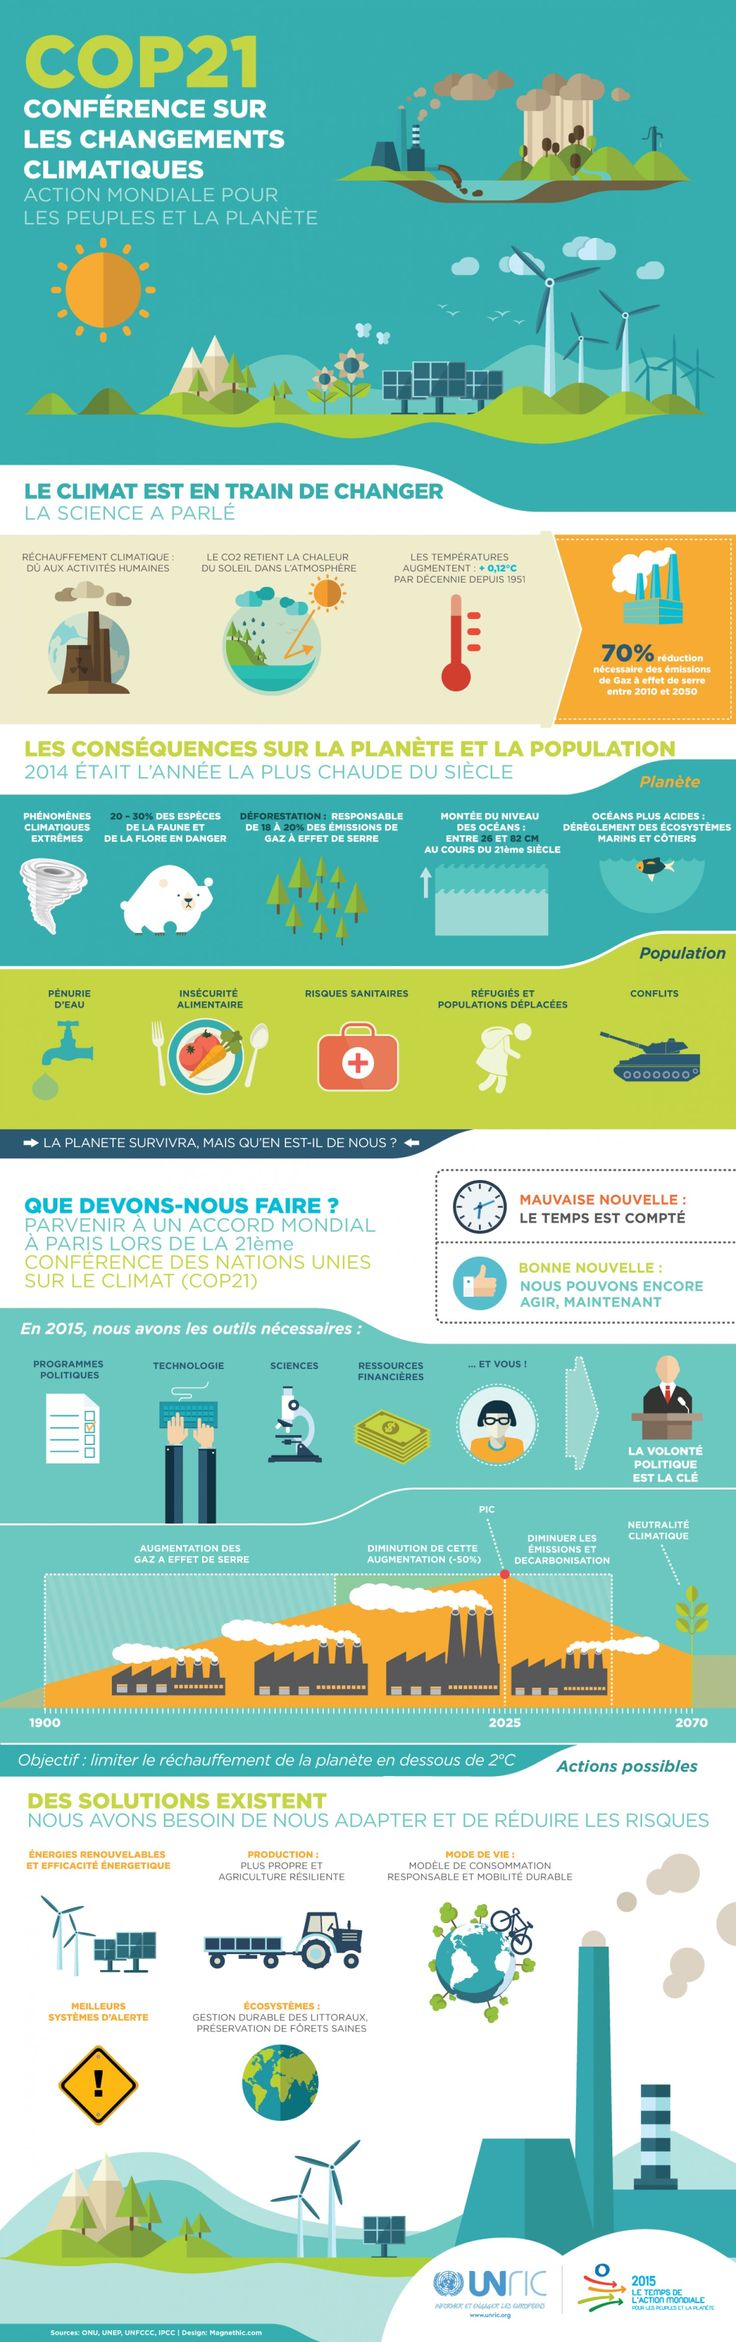 COP21: Conférence sur les changements climatiques Infographic